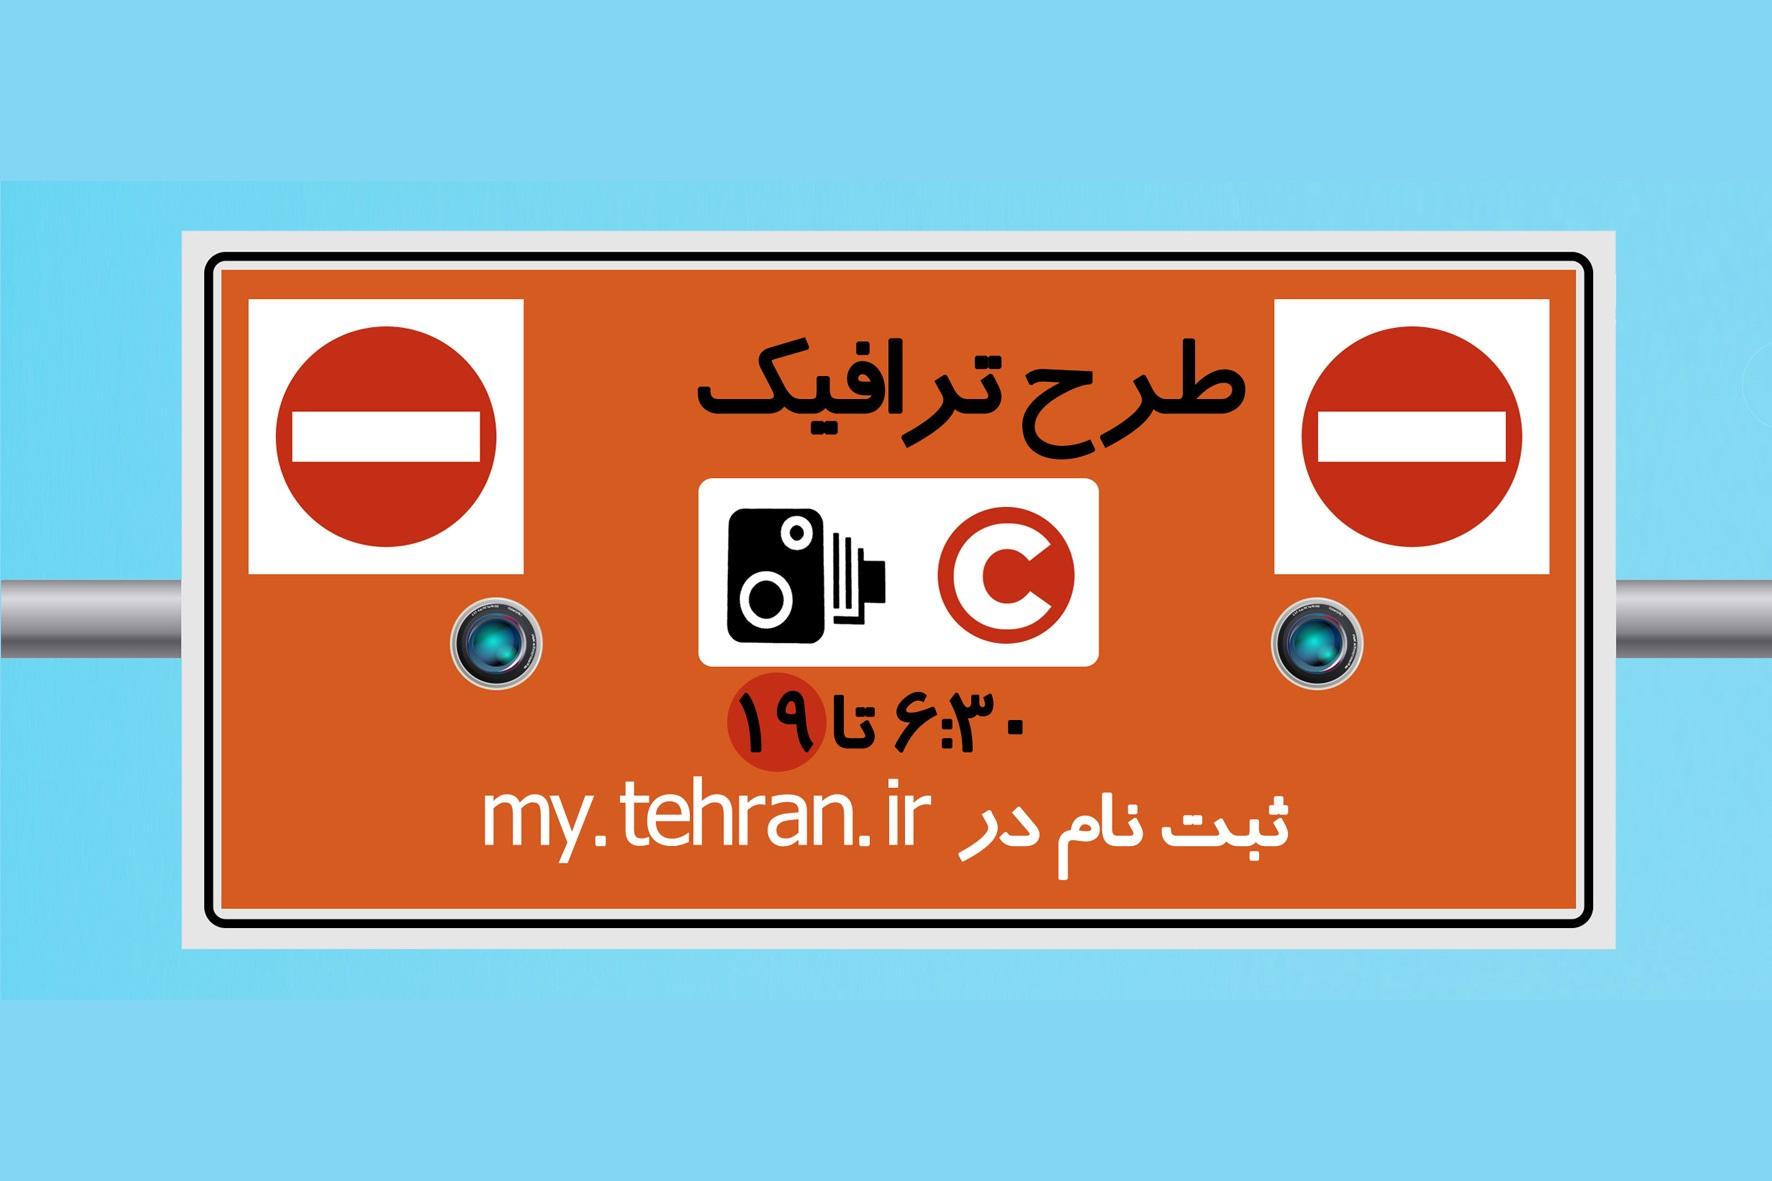 چشم مدیران اصلاحطلب به جیب شهروندان تهرانی است/ طرح ترافیک پولی با چاشنی ترافیک و آلودگی هوا